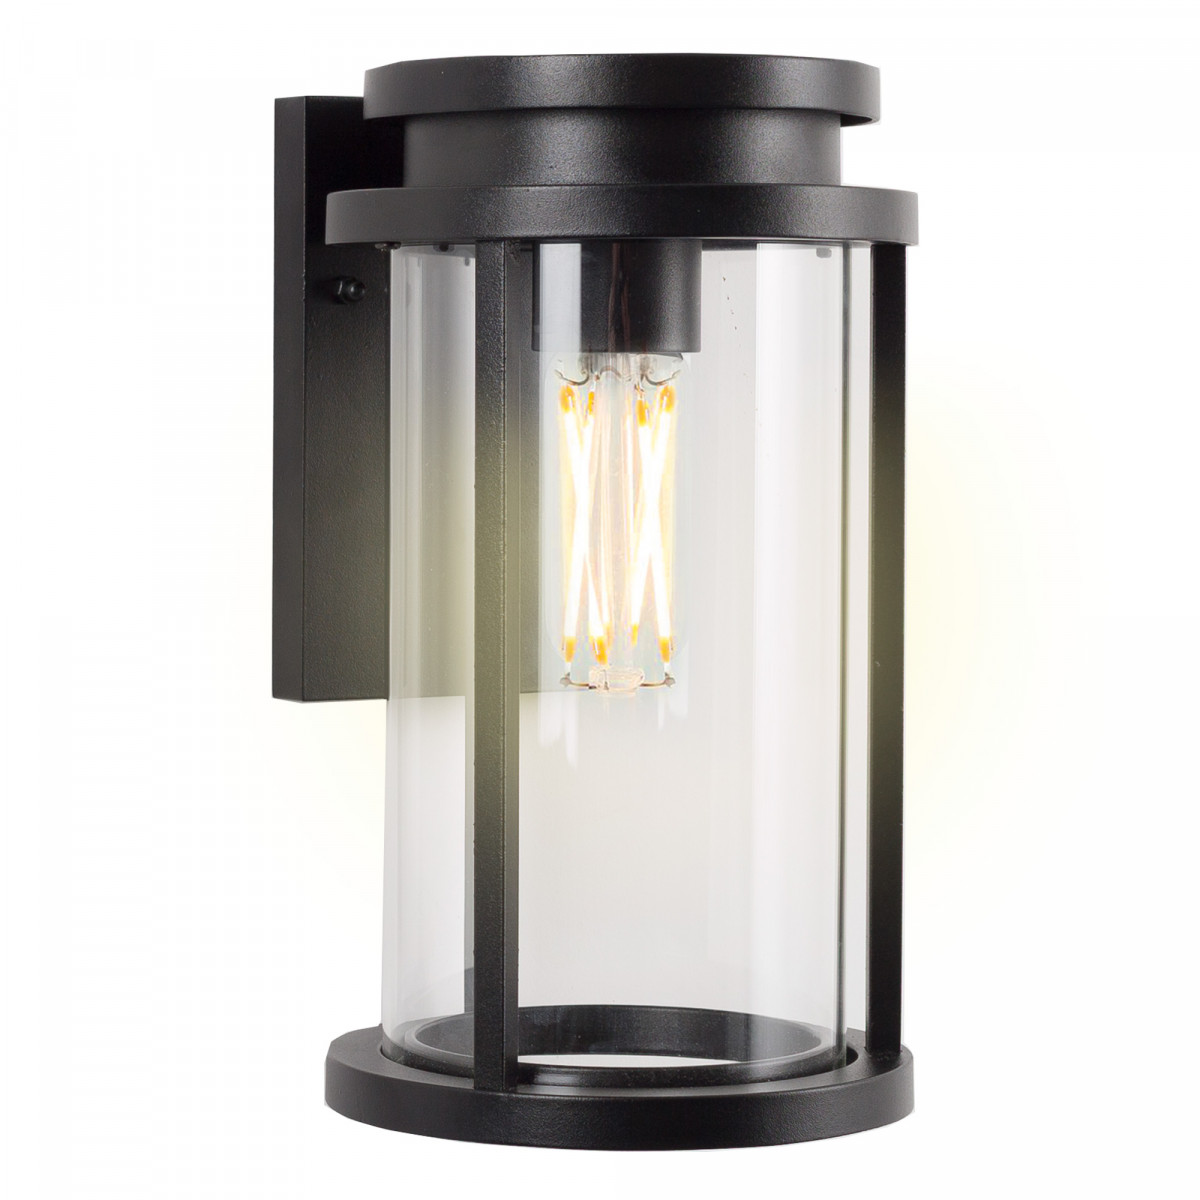 Buitenlamp Zwart, rechthoekige zwarte achterplaat voor aan de wand, ronde lantaarnkap met heldere beglazing, E27 fitting, strak moderne verlichting voor buiten